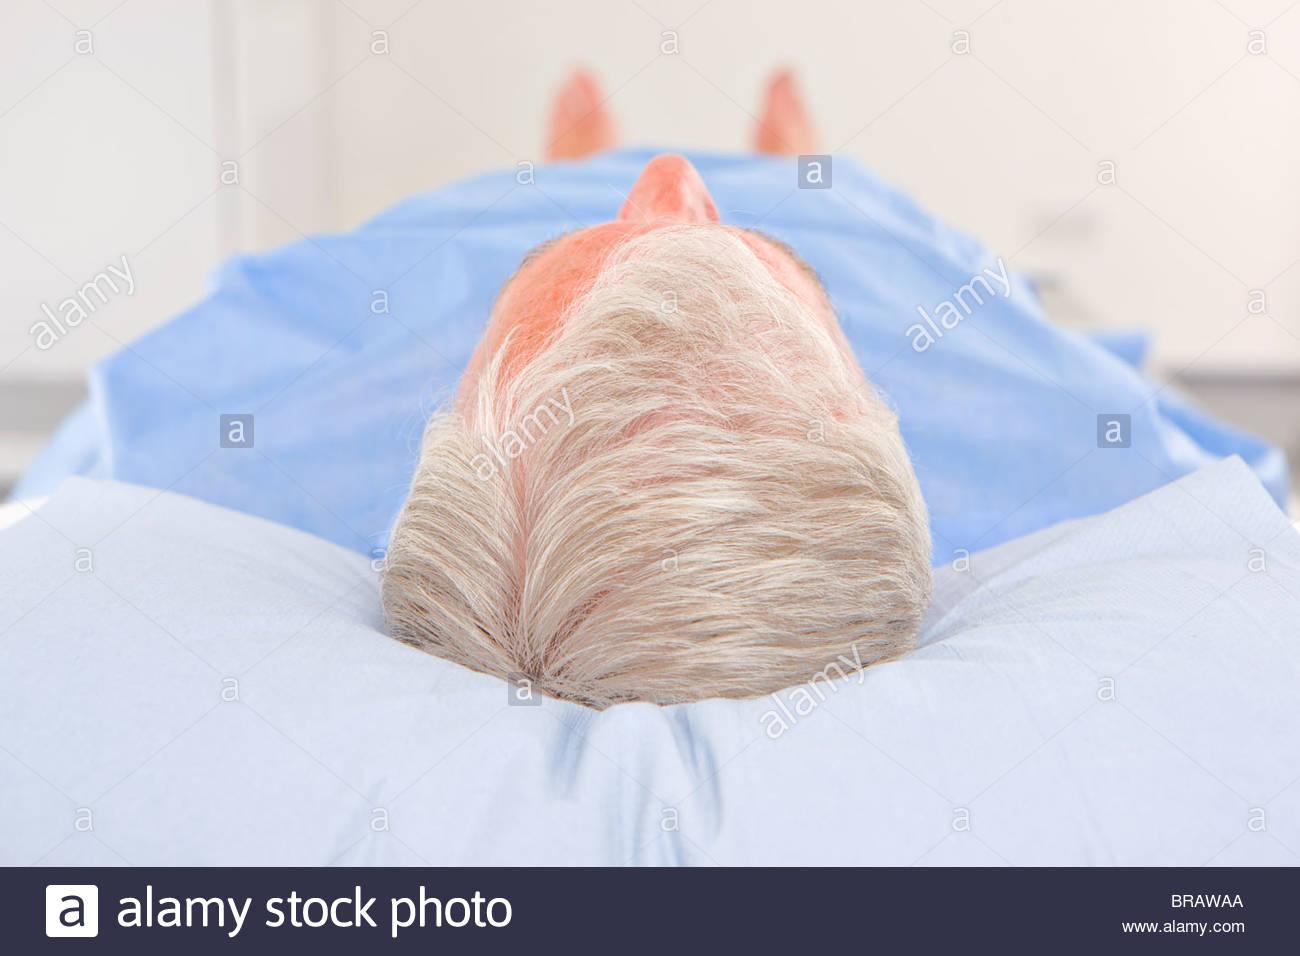 Pose du patient sur table d'examen à l'hôpital Photo Stock